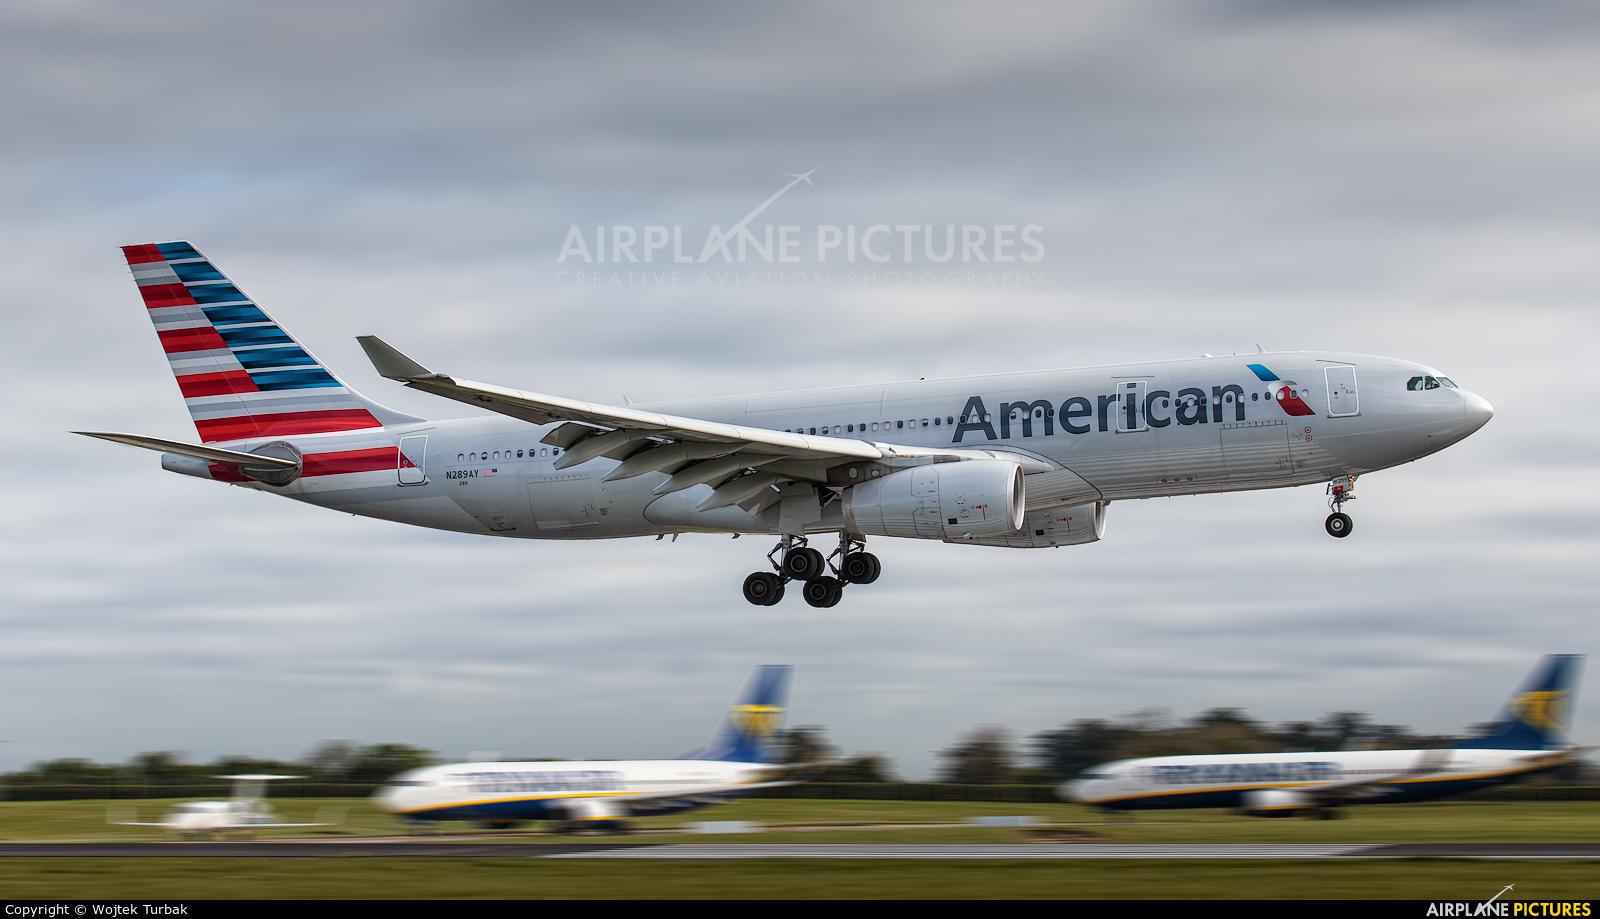 American Airlines N289AY aircraft at Dublin